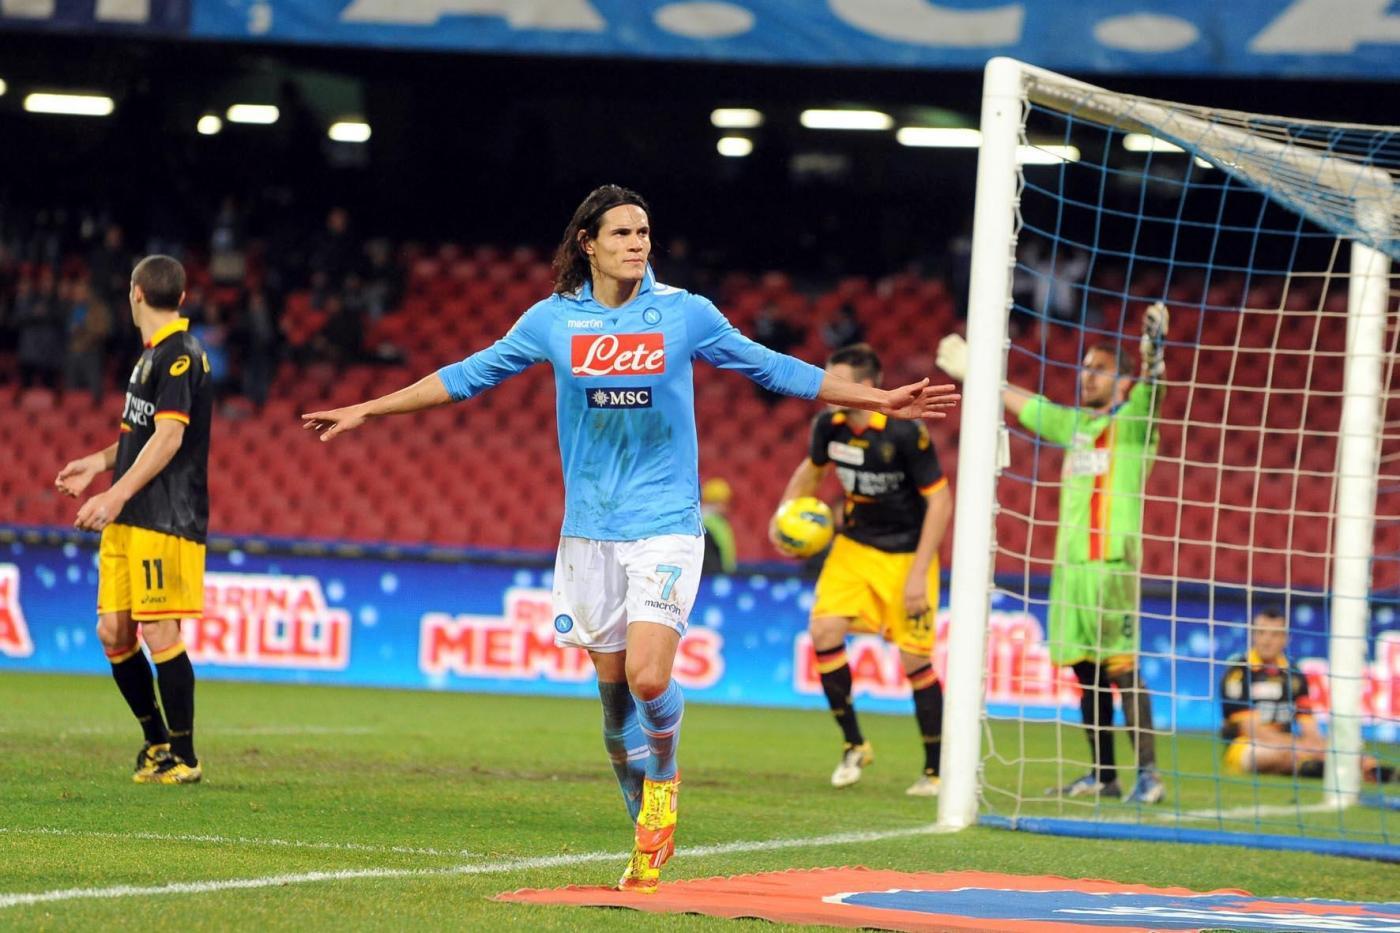 Napoli-Lecce 4-2, la doppietta di Cavani fa volare gli azzurri